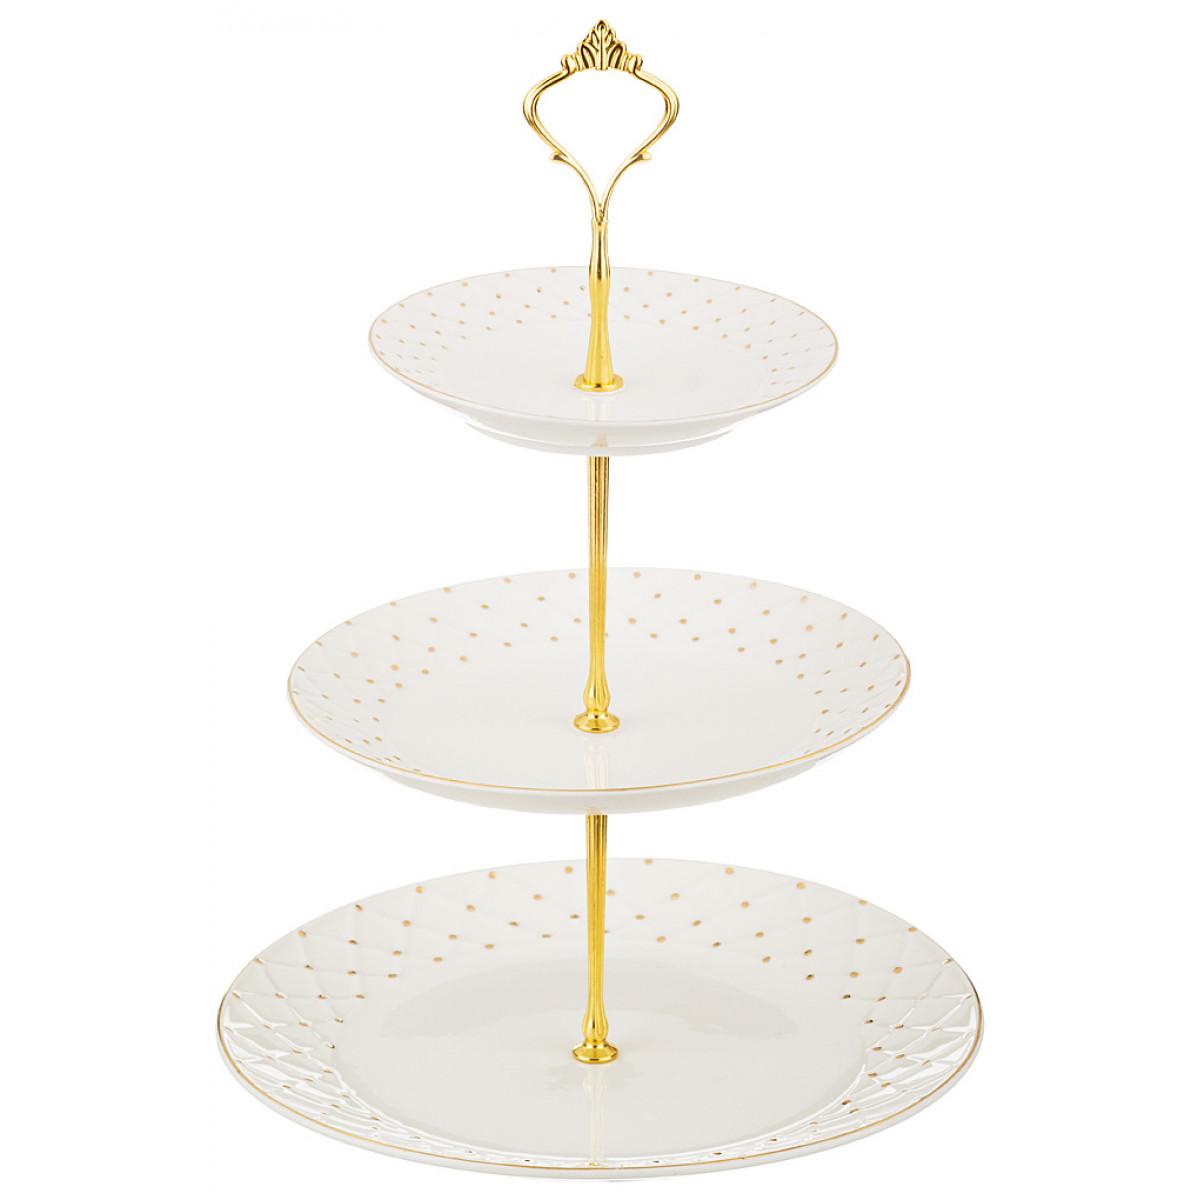 {} Lefard Тарелка-этажерка Bergerac  (25 см) lefard тарелка millie 20 см